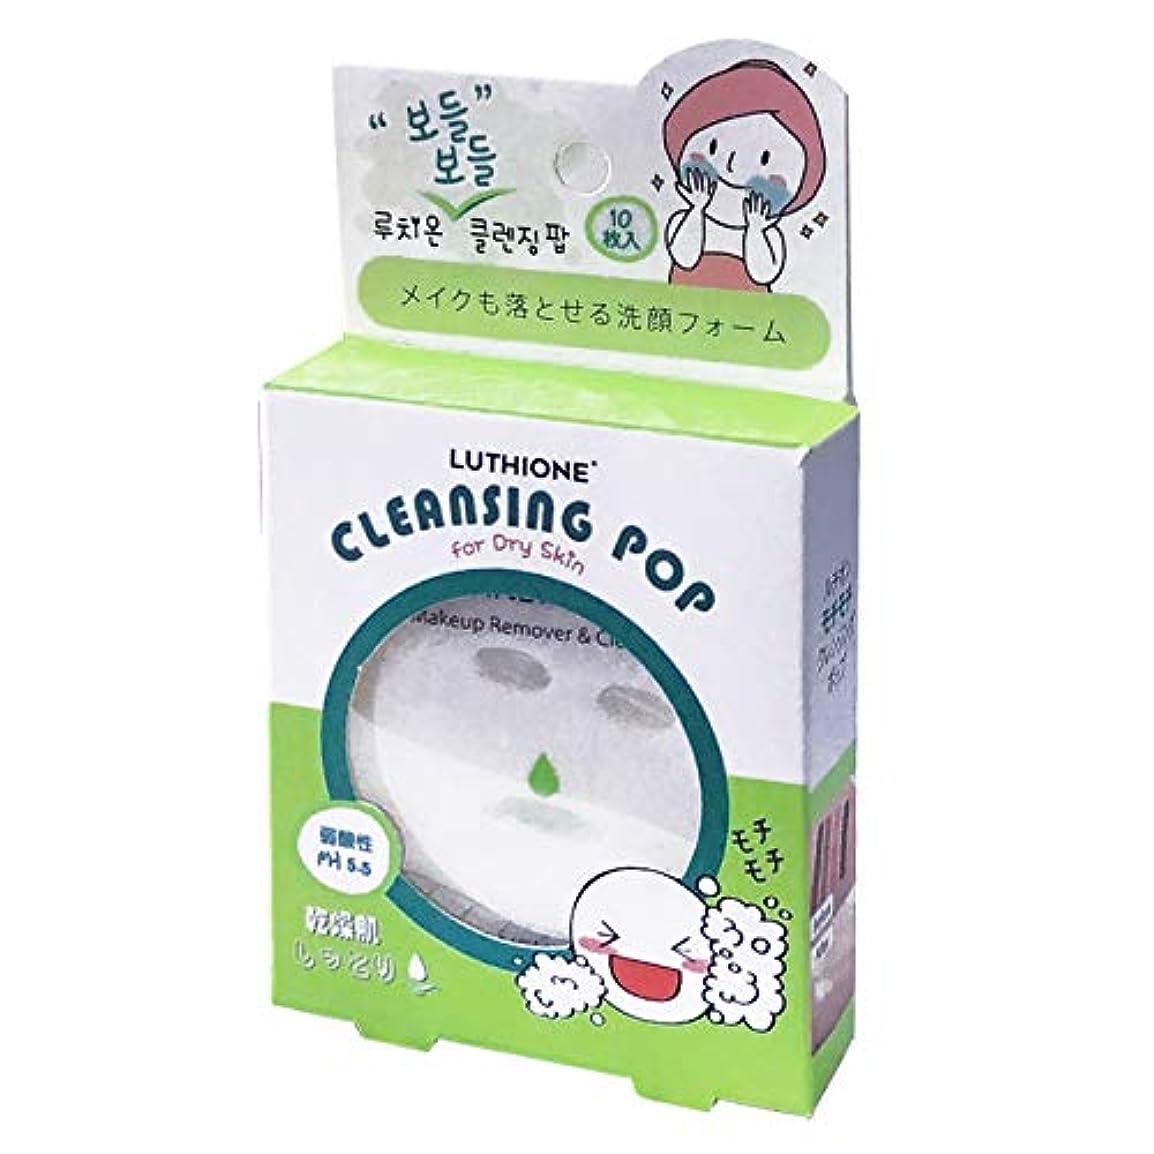 実験的参照宗教的な【まとめ買い】ルチオン クレンジングポップ (LUTHIONE CLEANSING POP) 乾燥肌 10枚入り ×10個